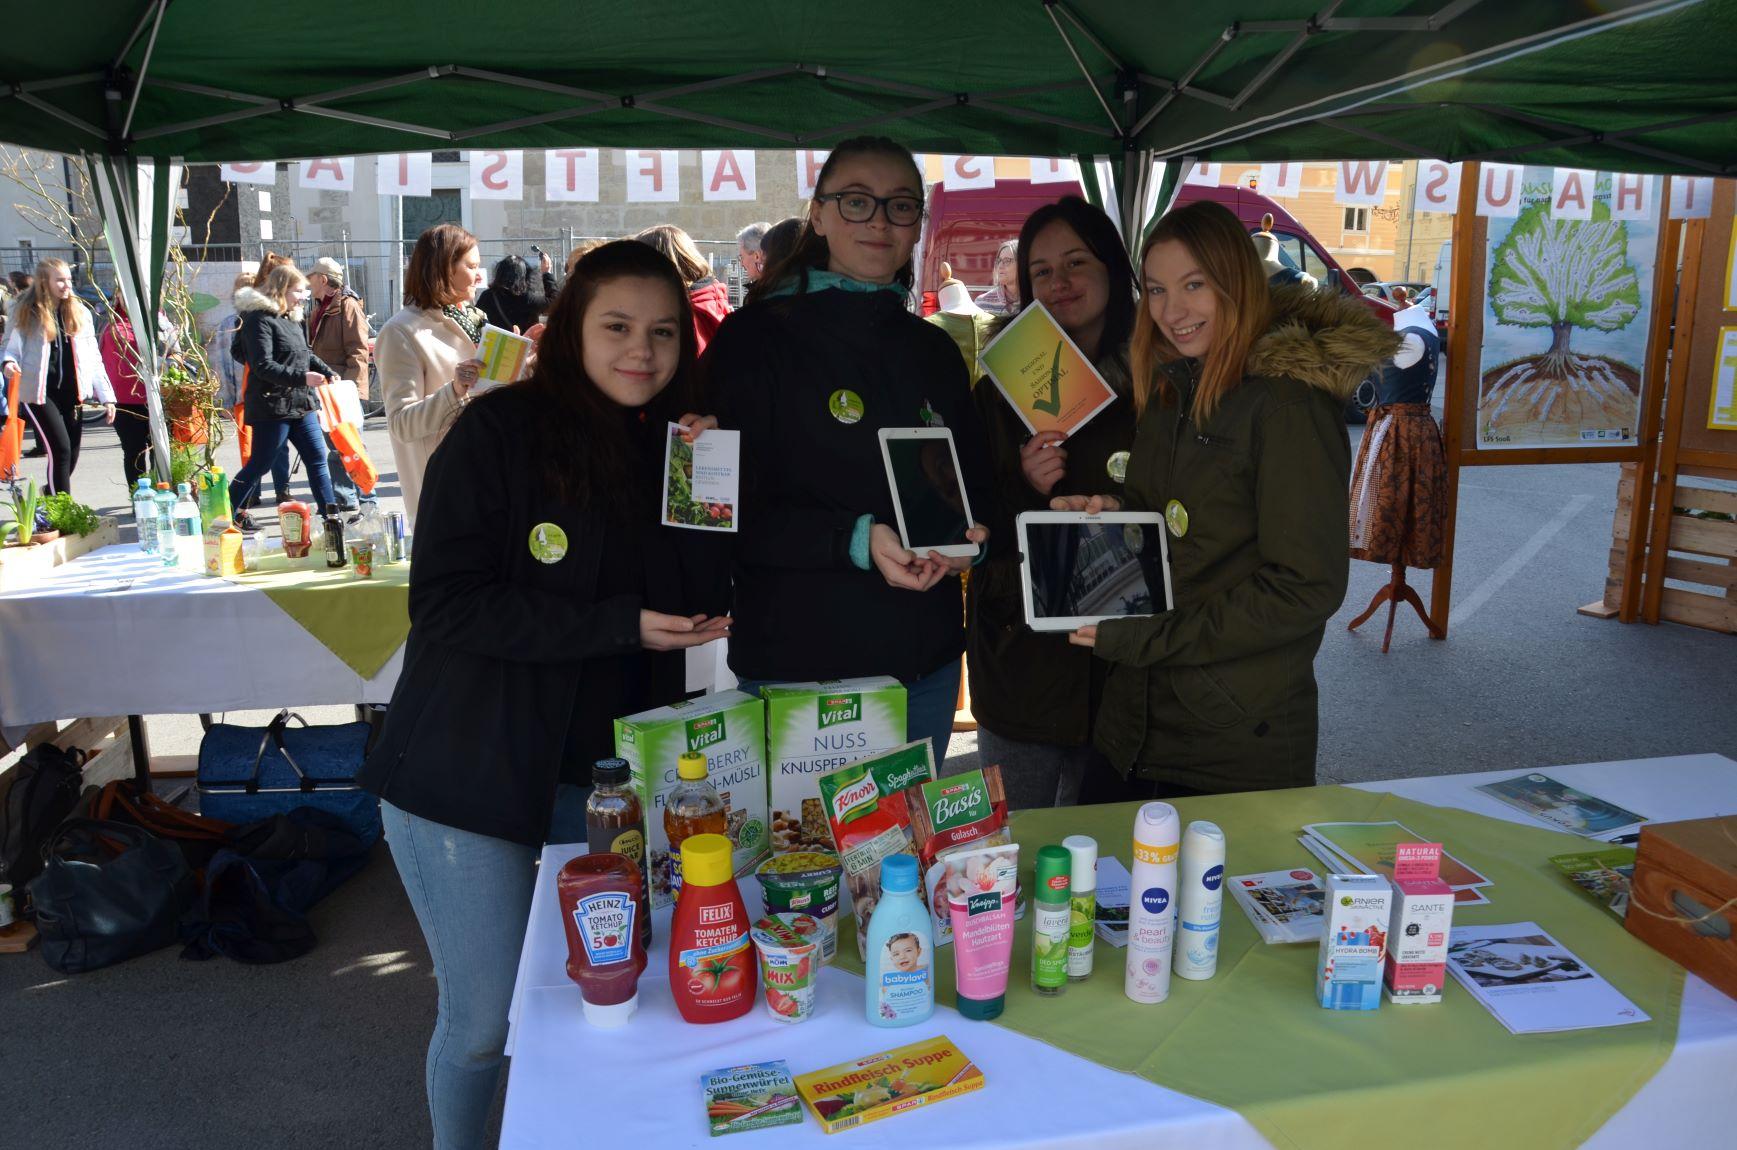 Bewusst einkaufen - gesund und nachhaltig essen 175